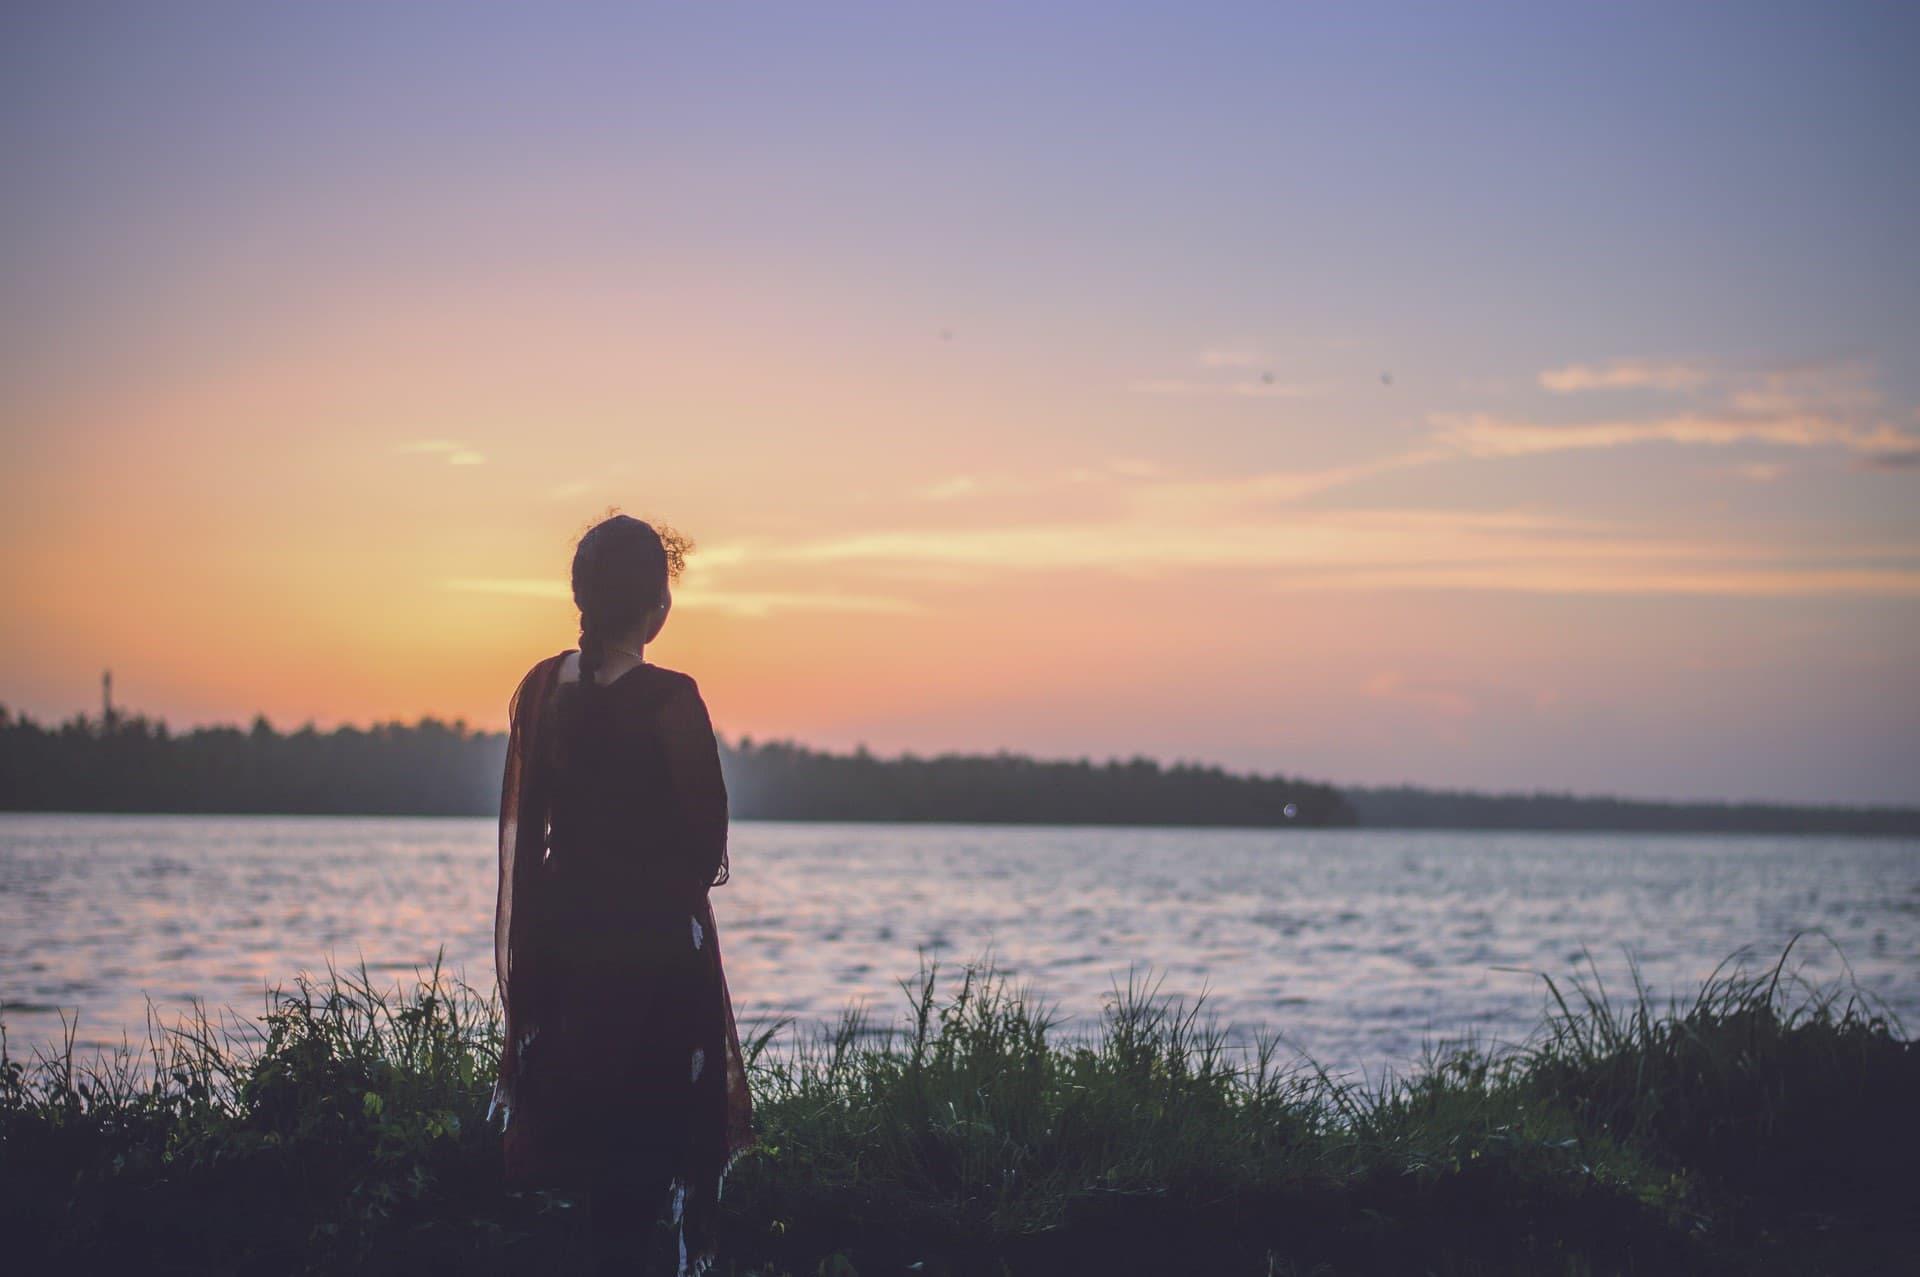 「自分の人生、どうしてこうなった?」――何もかも捨てて、旅に出たくなったら